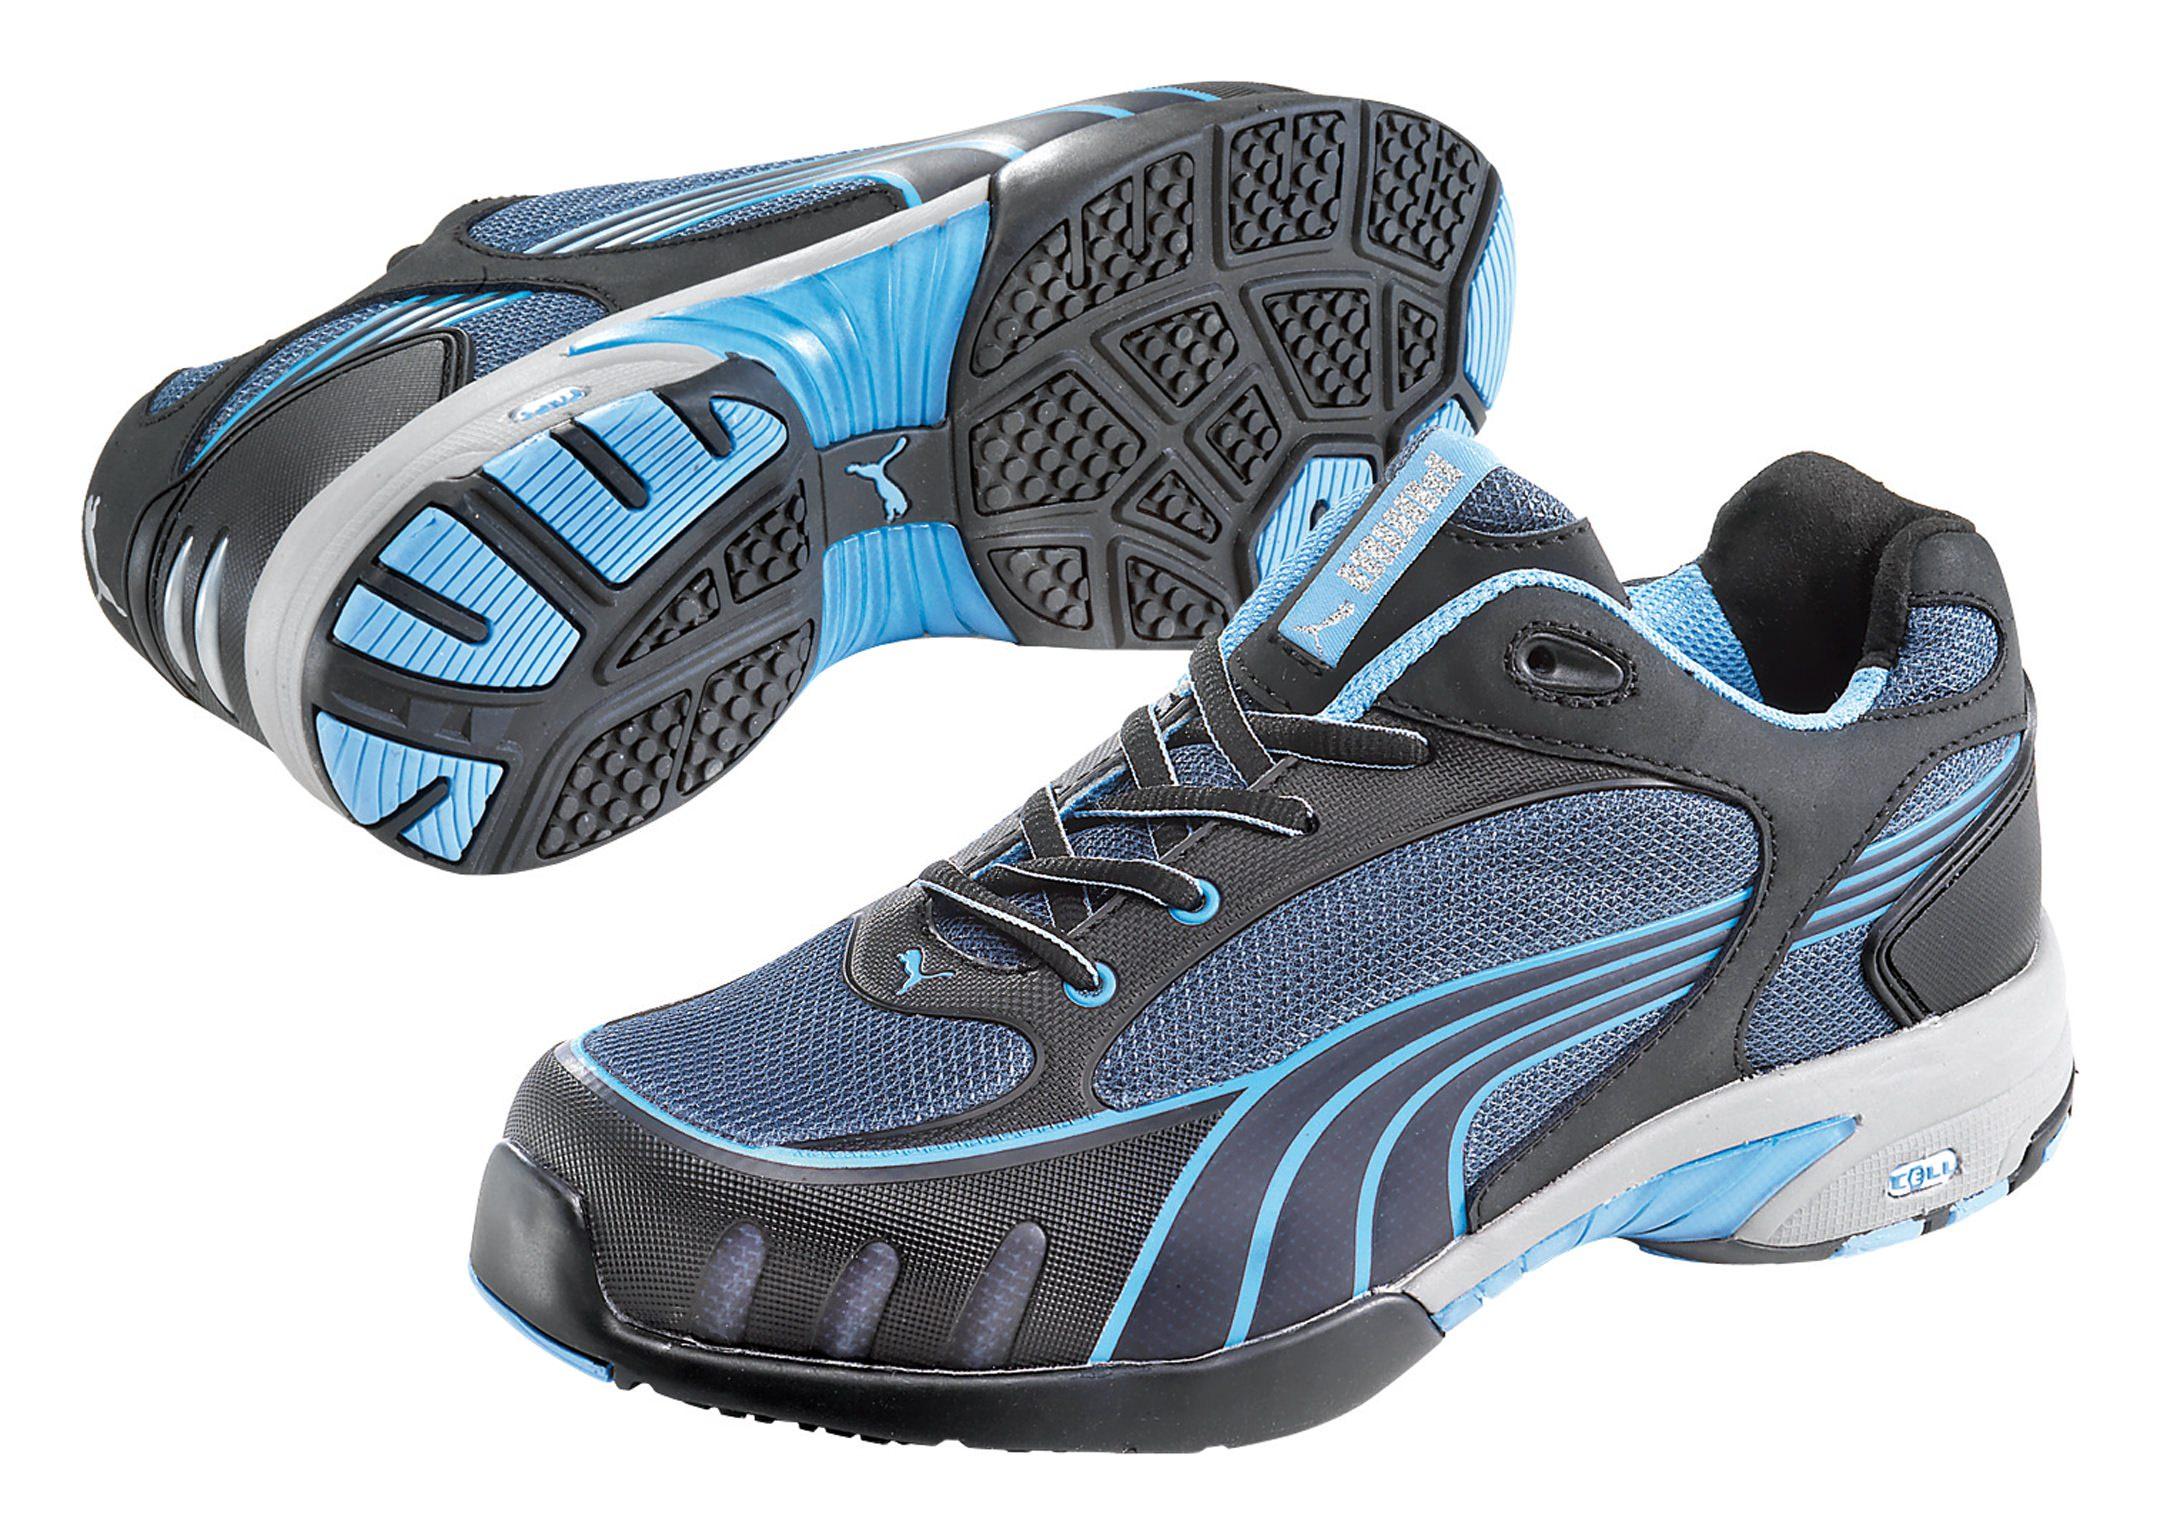 Puma Damenschuh 642820 S1 Größe 41 blau - 256-41